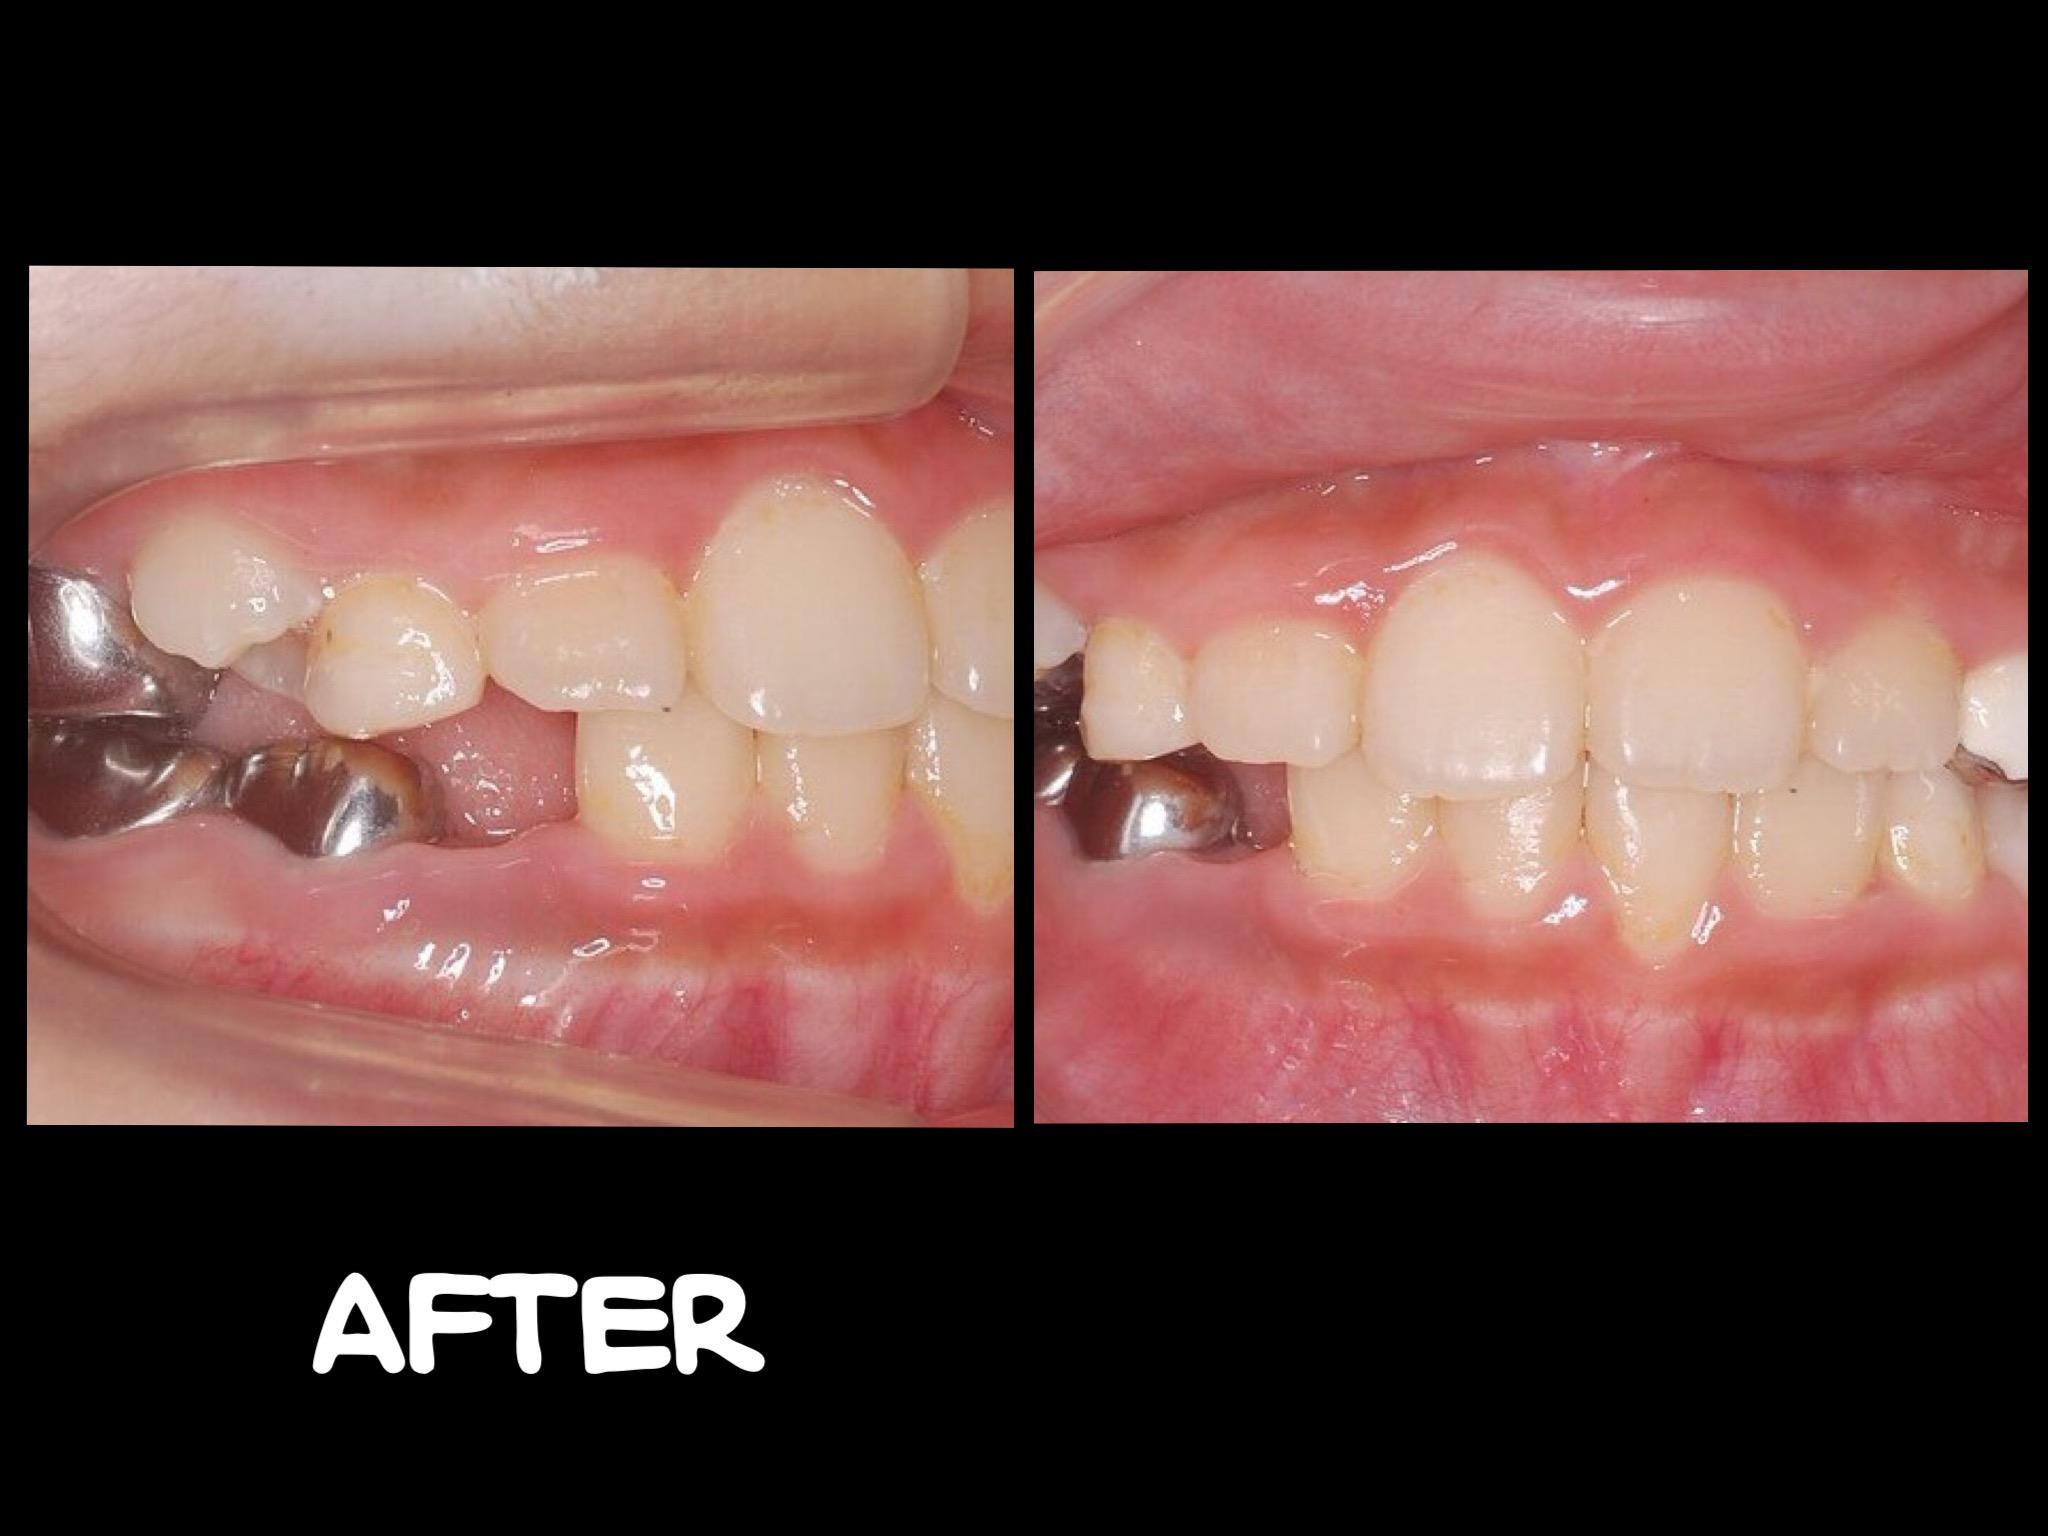 早期治療 前牙錯咬 - 小太陽牙醫診所小太陽牙醫診所